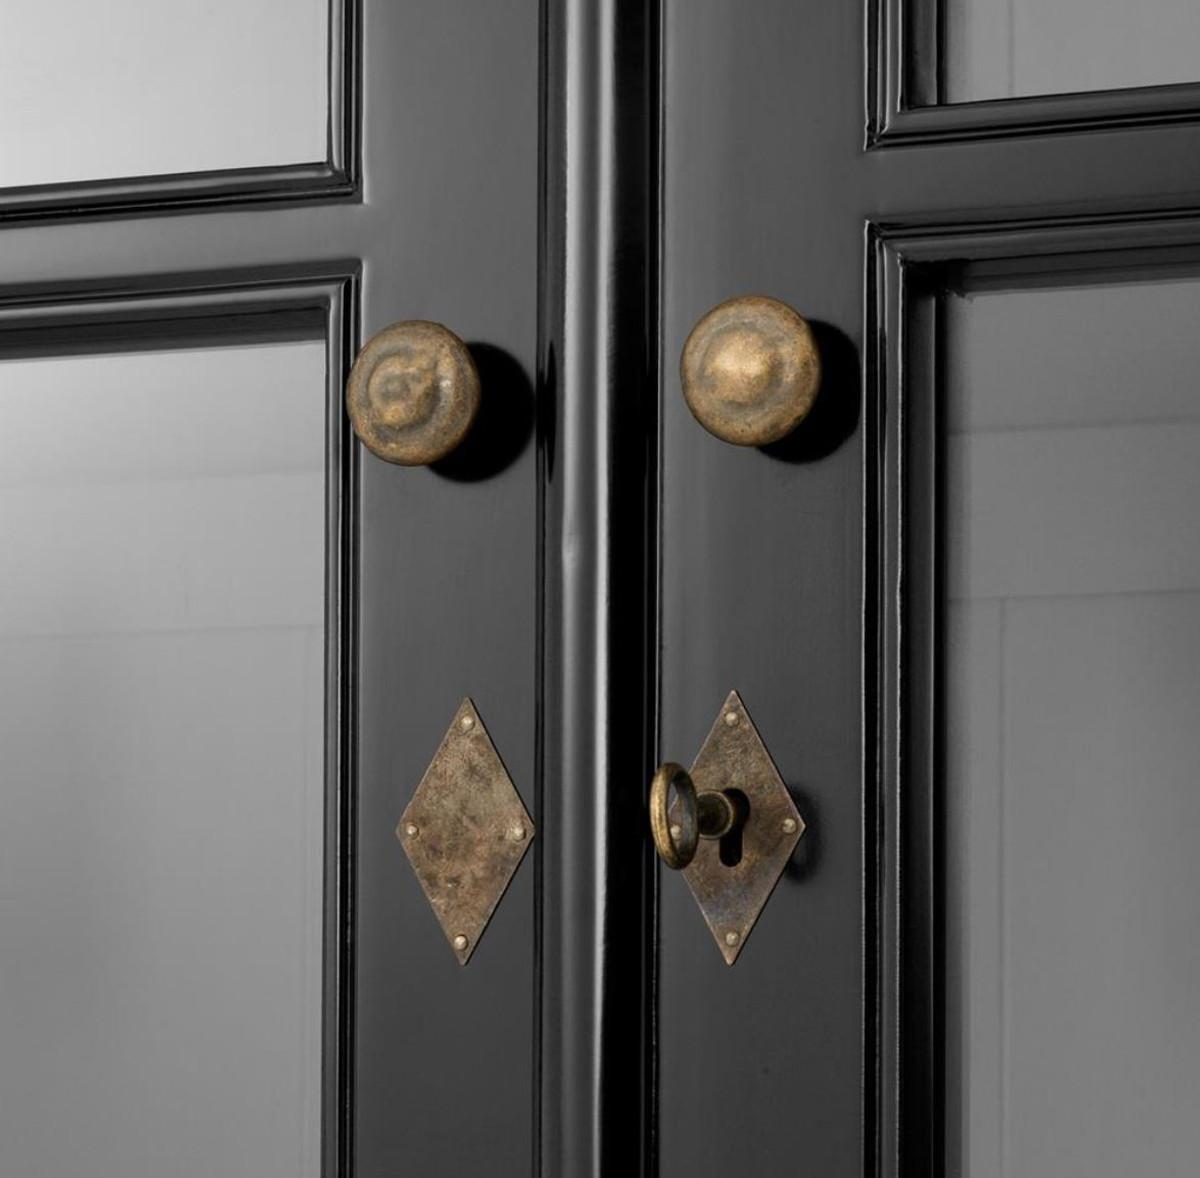 Casa padrino luxus wohnzimmerschrank schwarz 90 x 38 x h for Wohnzimmerschrank schwarz